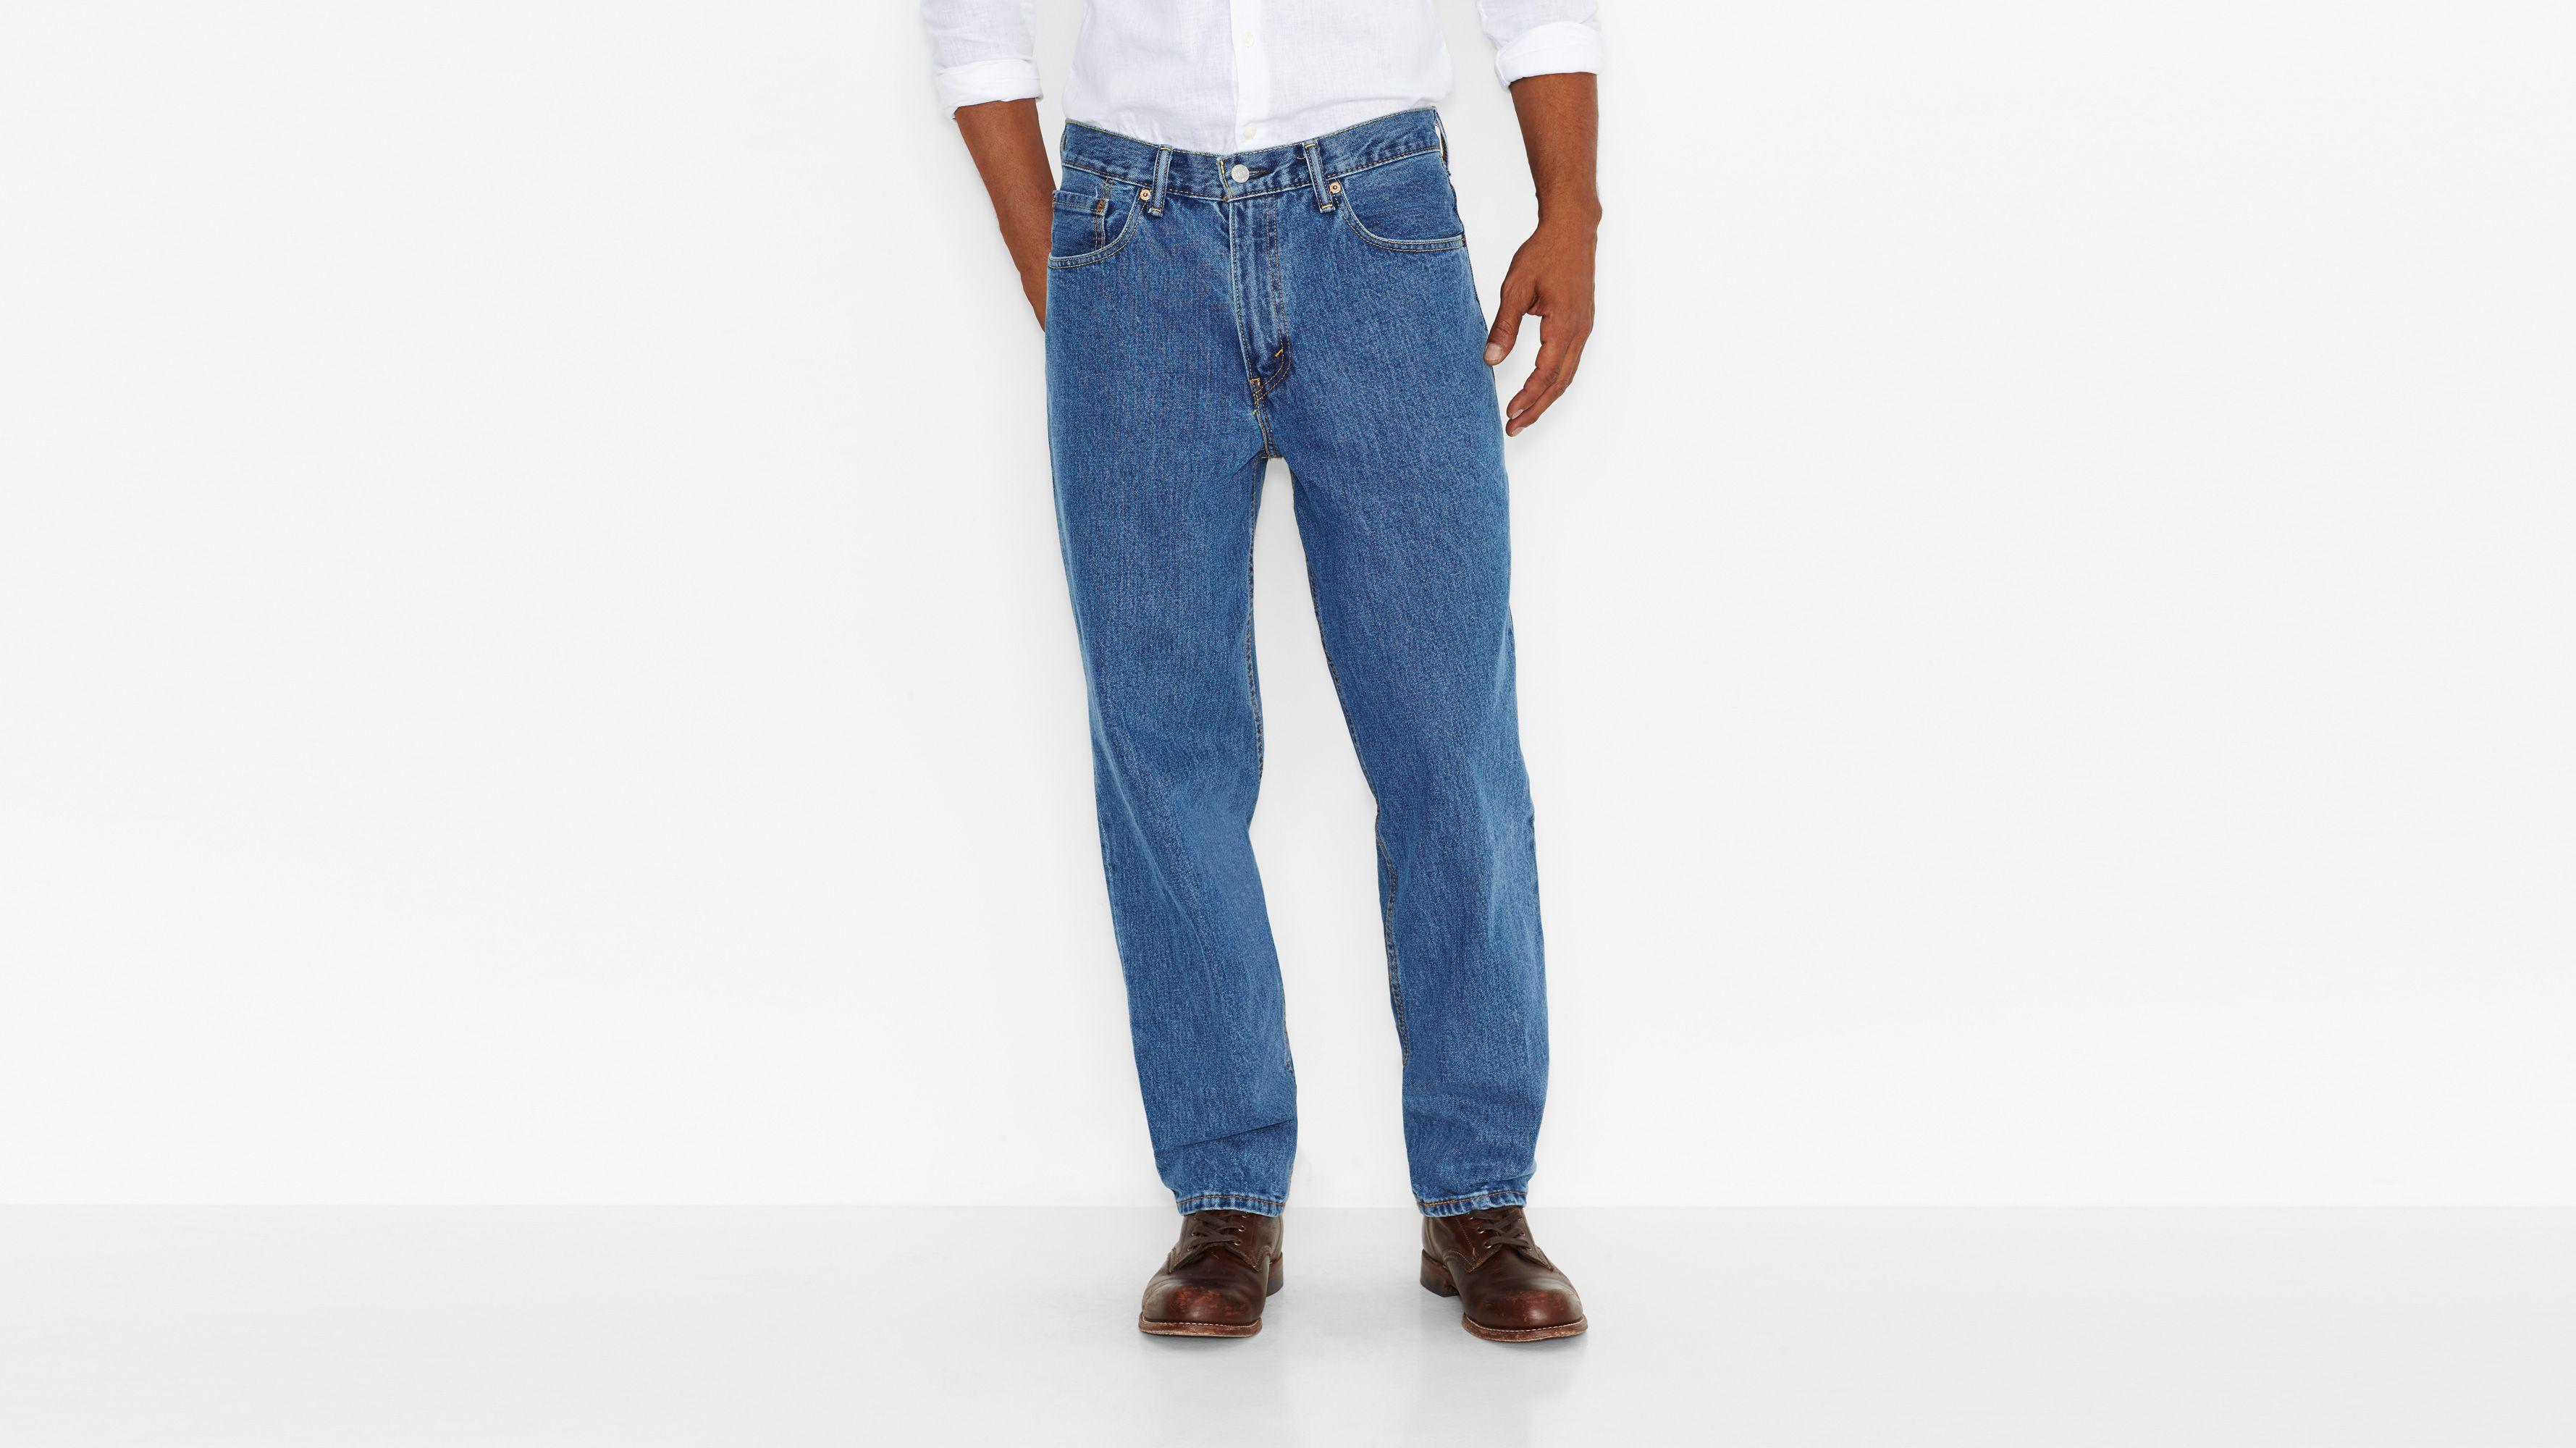 560™ Comfort Fit Jeans - Medium Stonewash